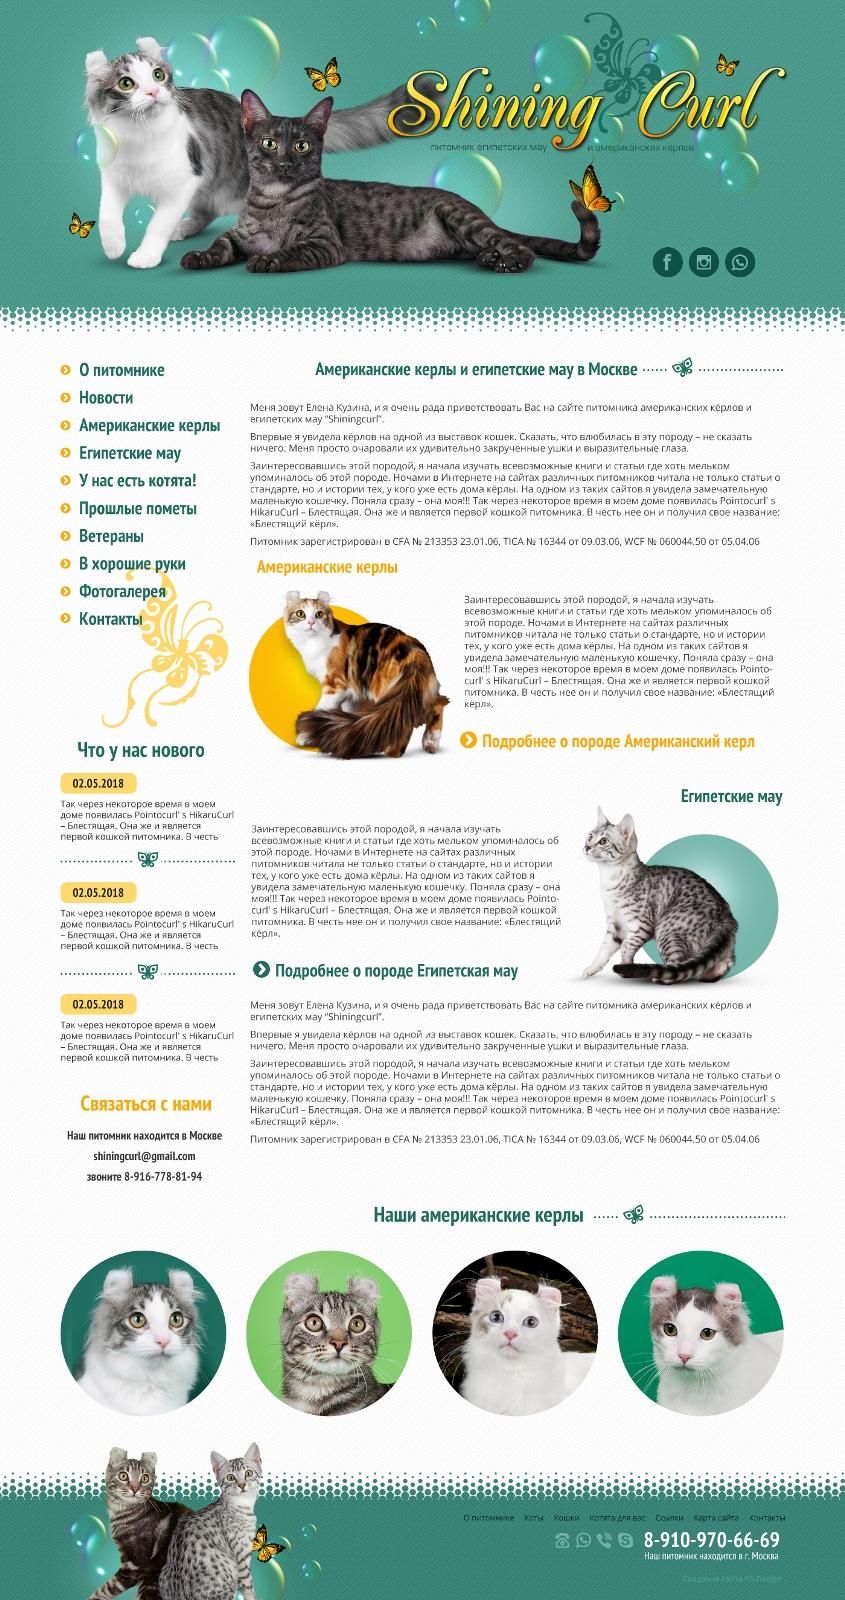 Сайт для питомника кошек, дизайн сайта для кошек